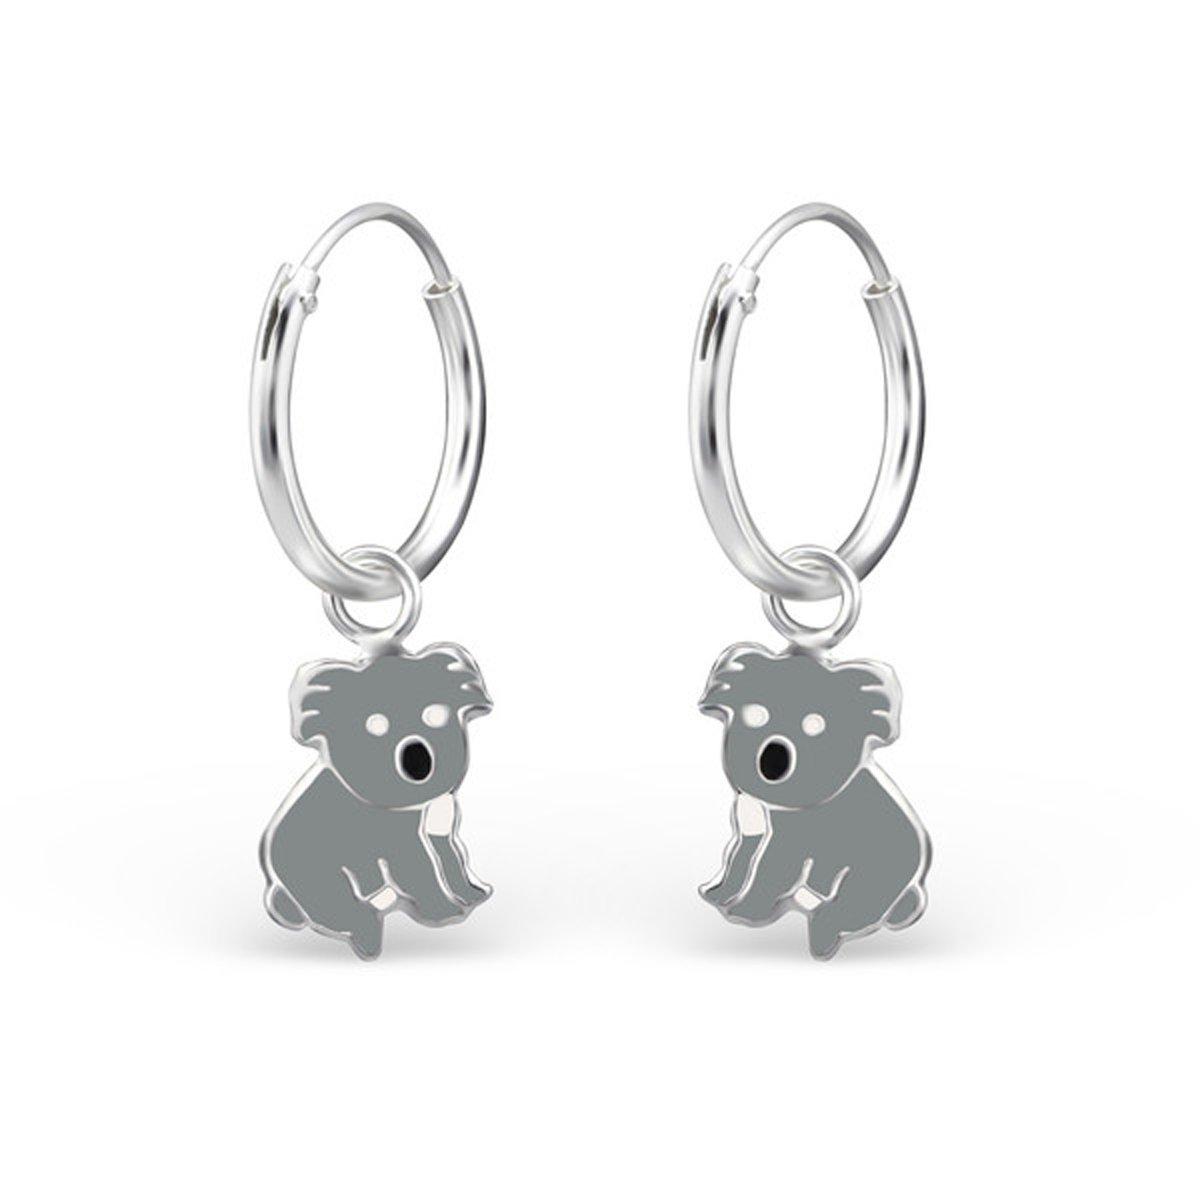 E28048 Cute Koala Hoop earrings Stering Silver